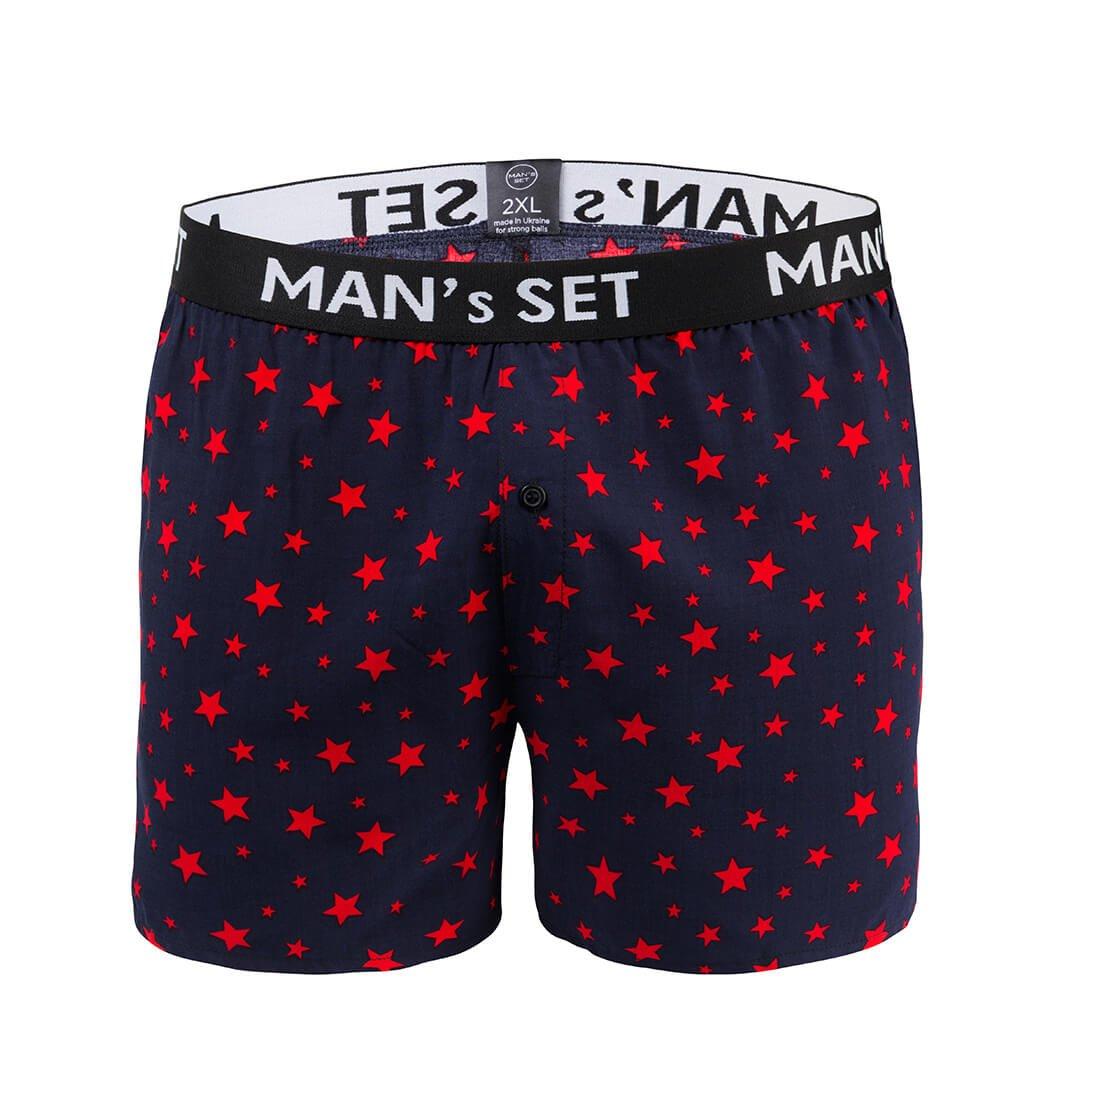 Семейки мужские из 100% хлопка, Shorts, тёмно-синий с красными звездами MansSet